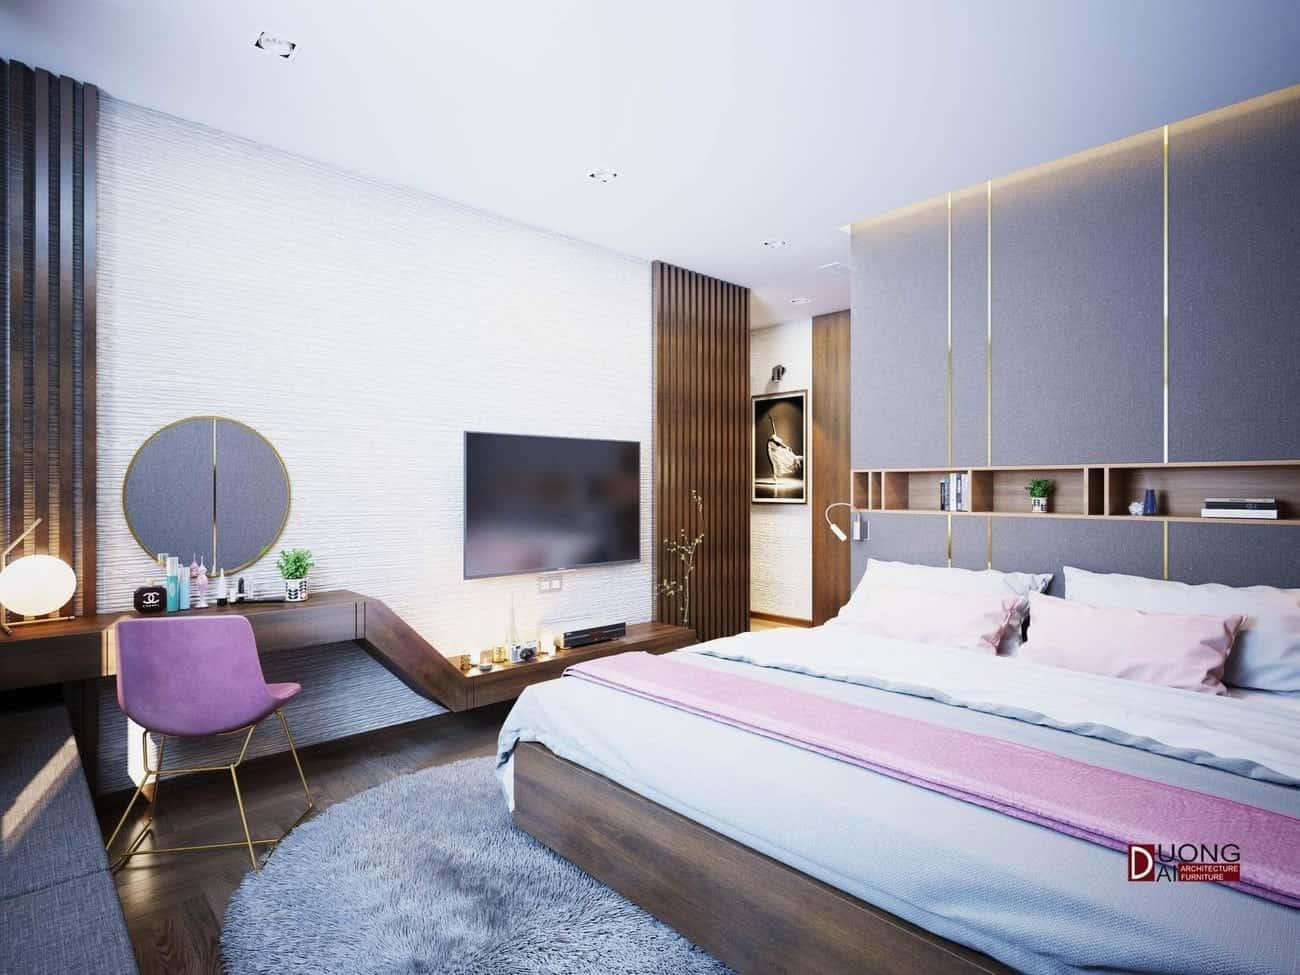 Bất ngờ với những mẫu phòng ngủ vợ chồng đẹp cho những ai đang cần